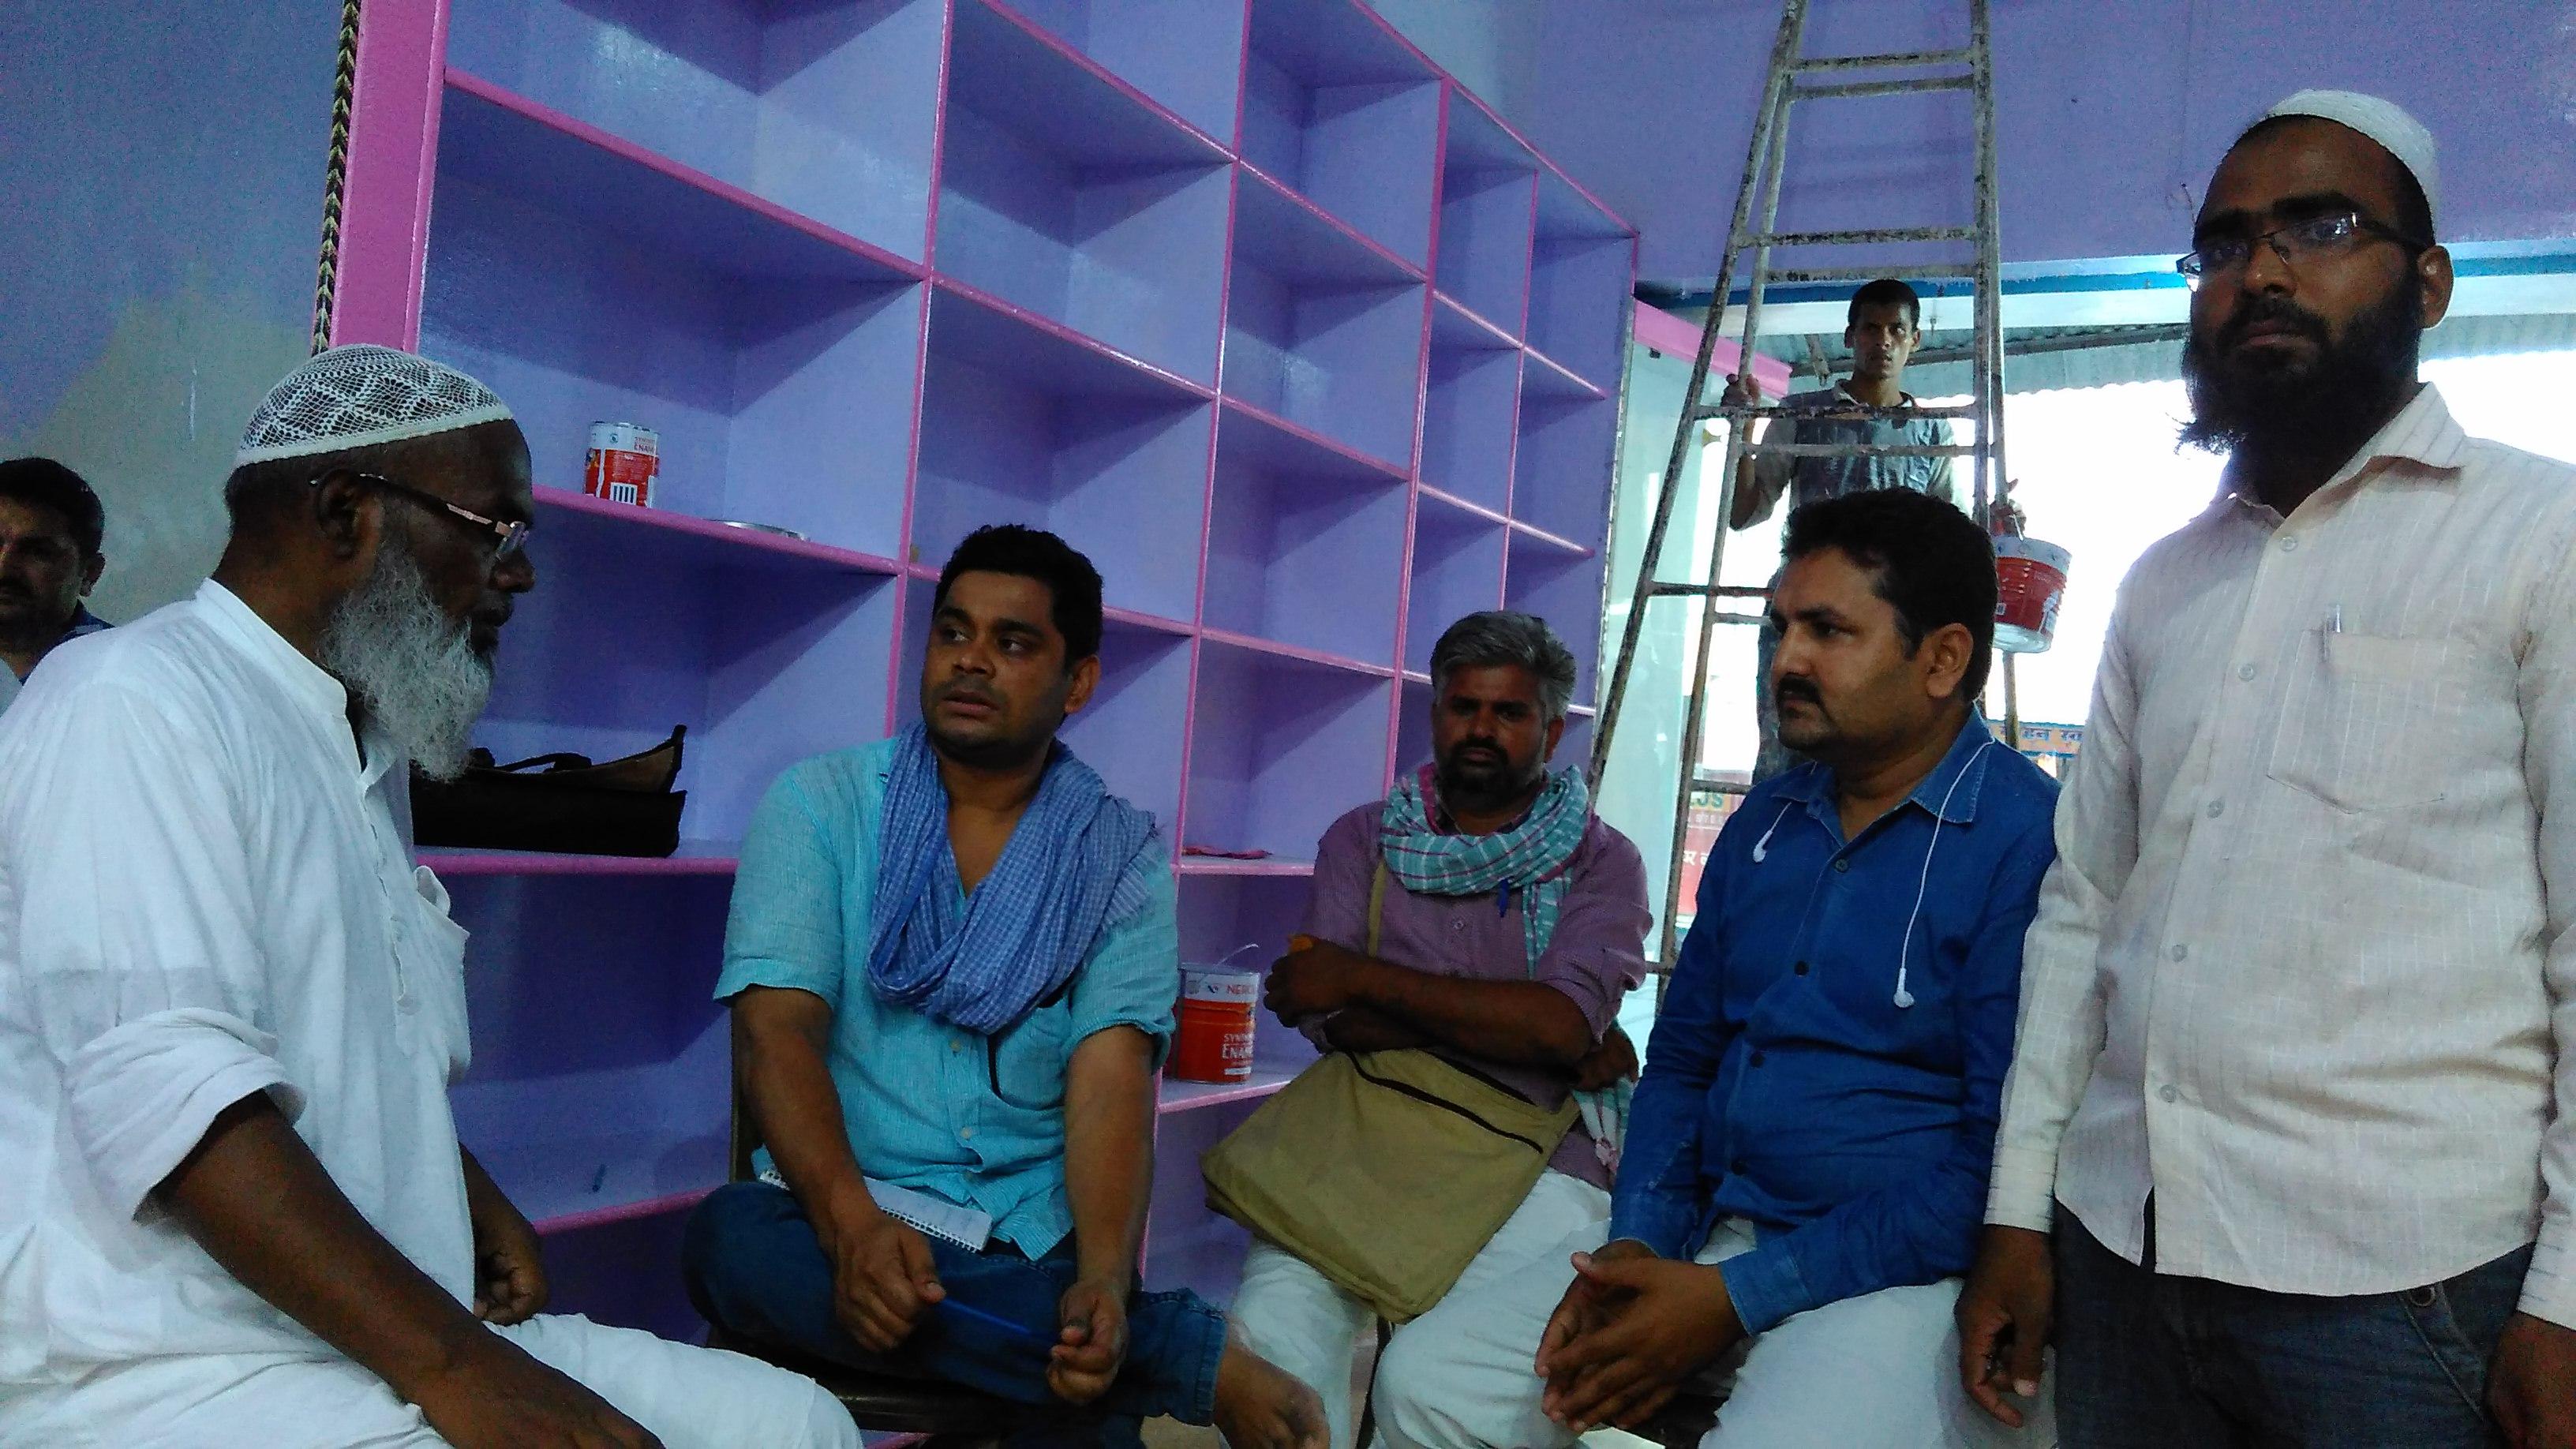 भाजपा विधायक  की मौजूदगी में सिकन्दपुर  दुकानों में हुई लूटपाट और आगजनी